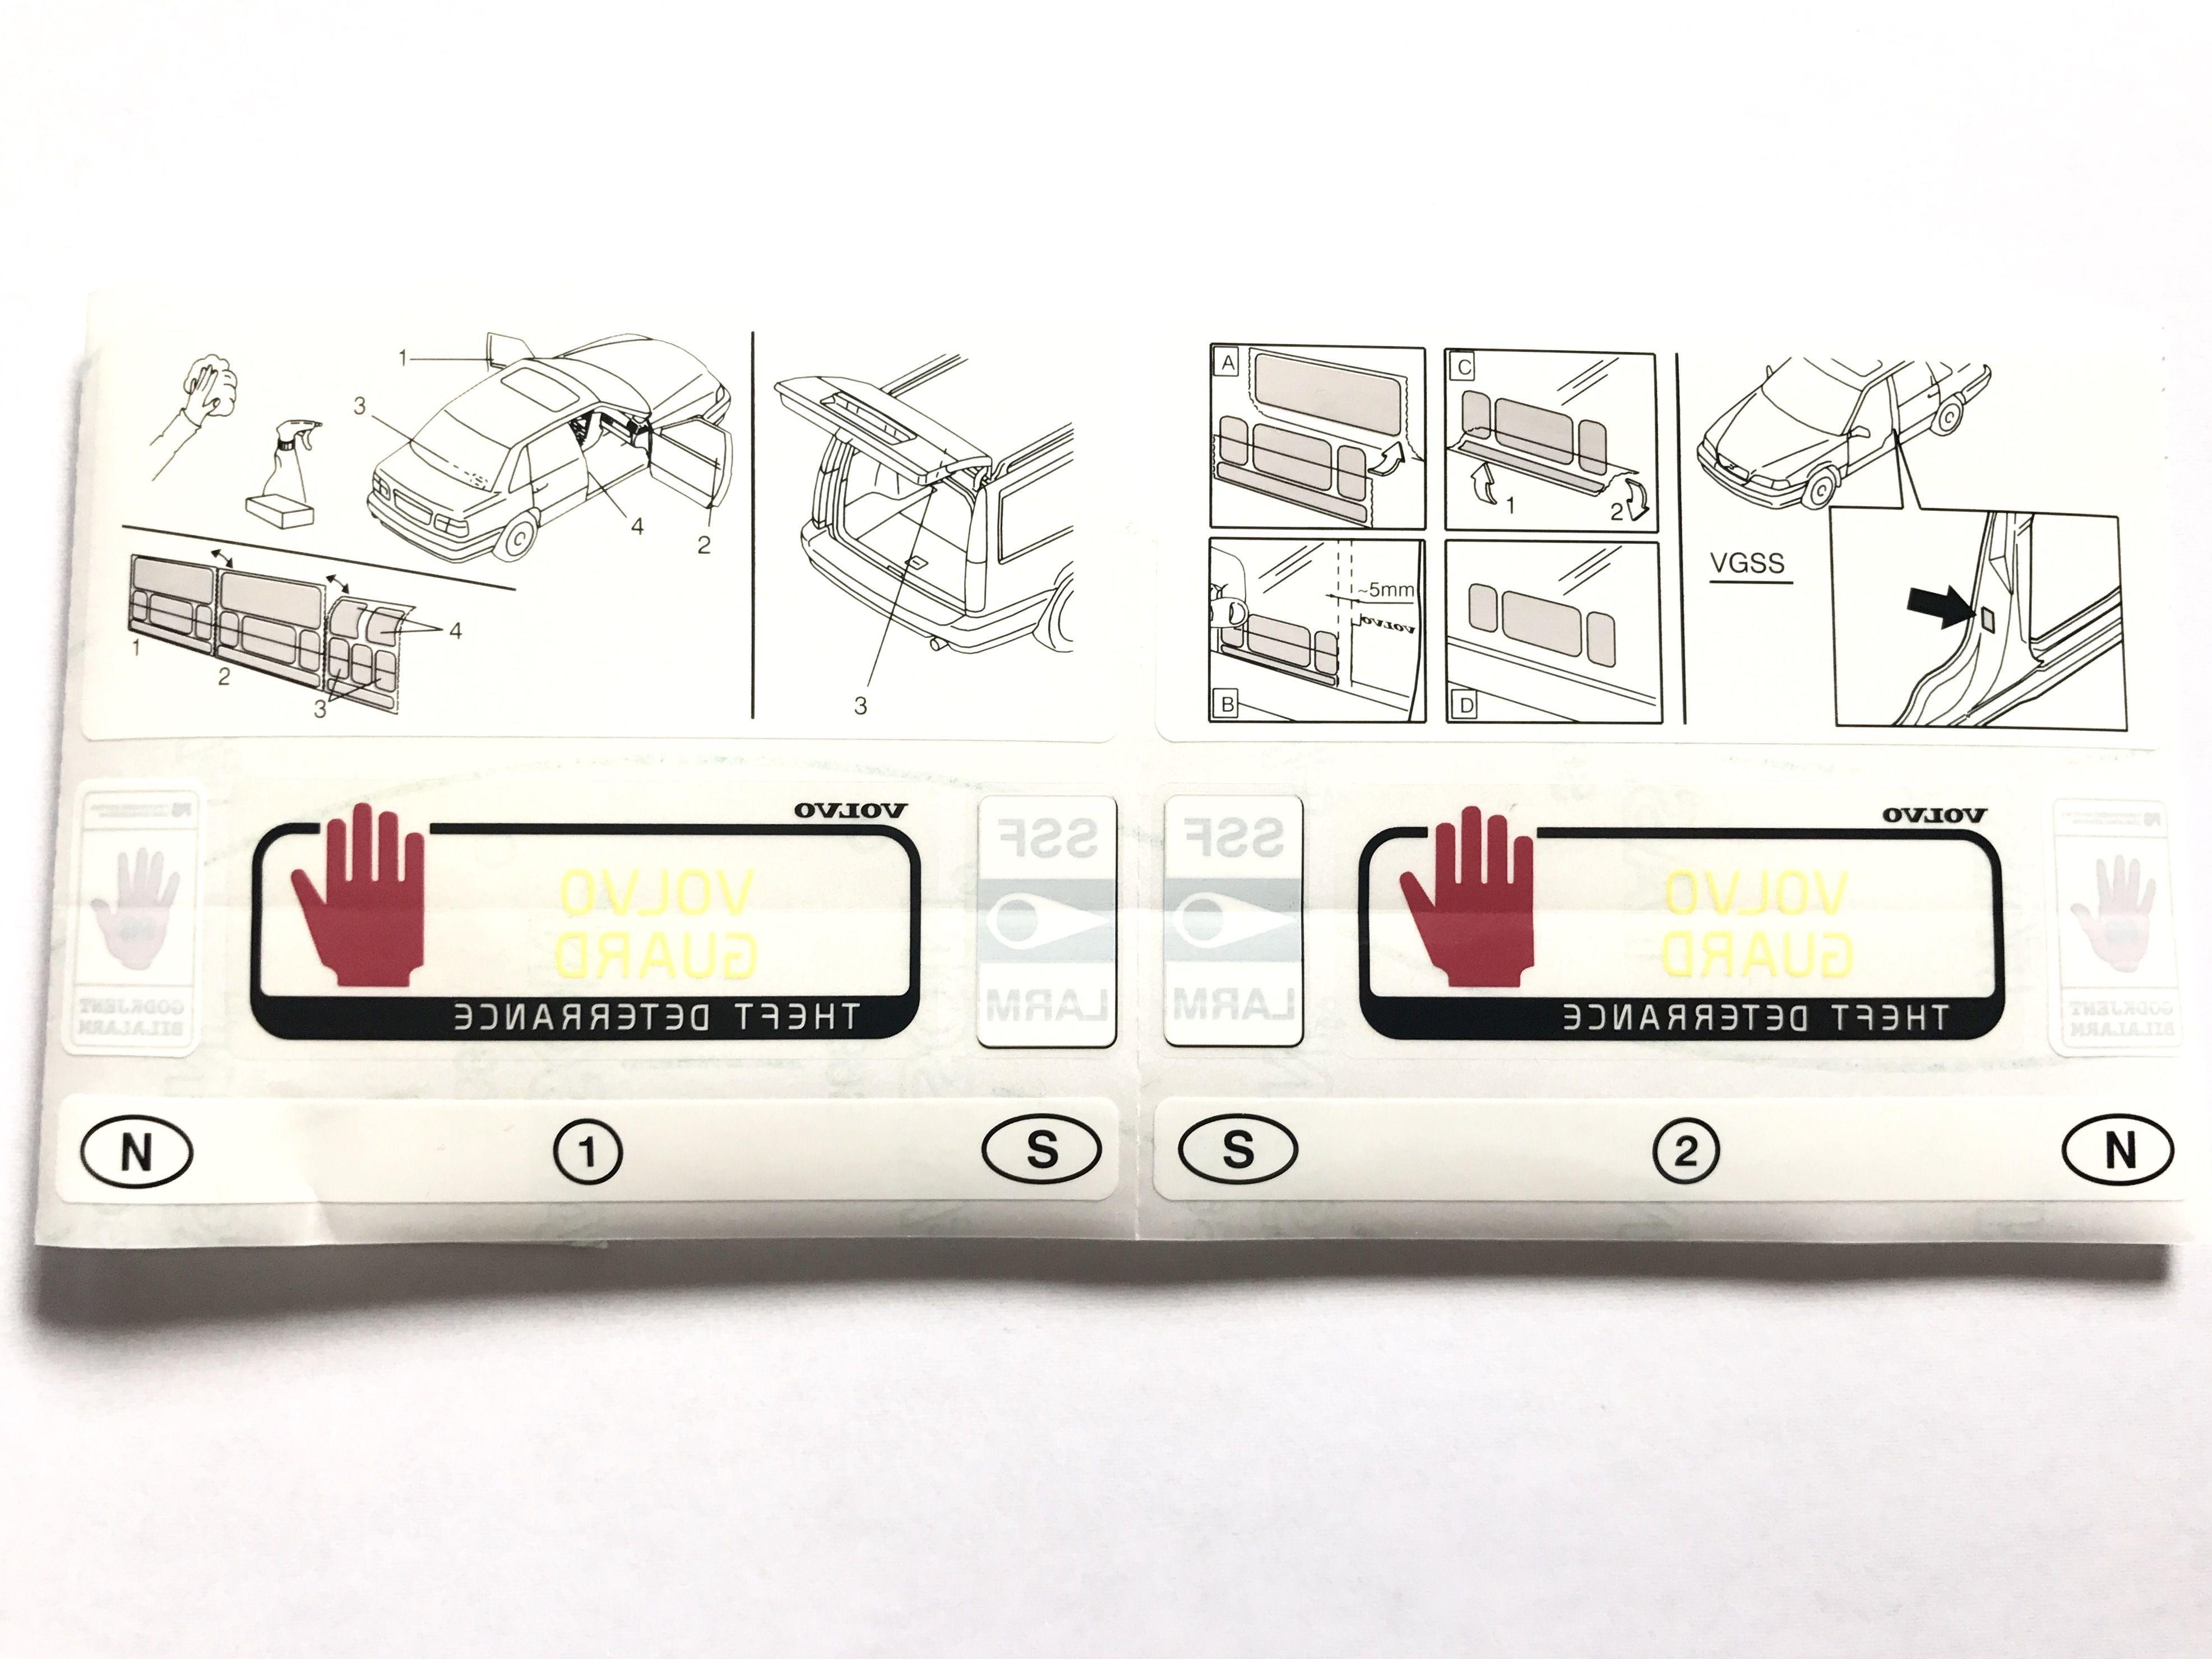 volvo guard welt autoteile online shop. Black Bedroom Furniture Sets. Home Design Ideas